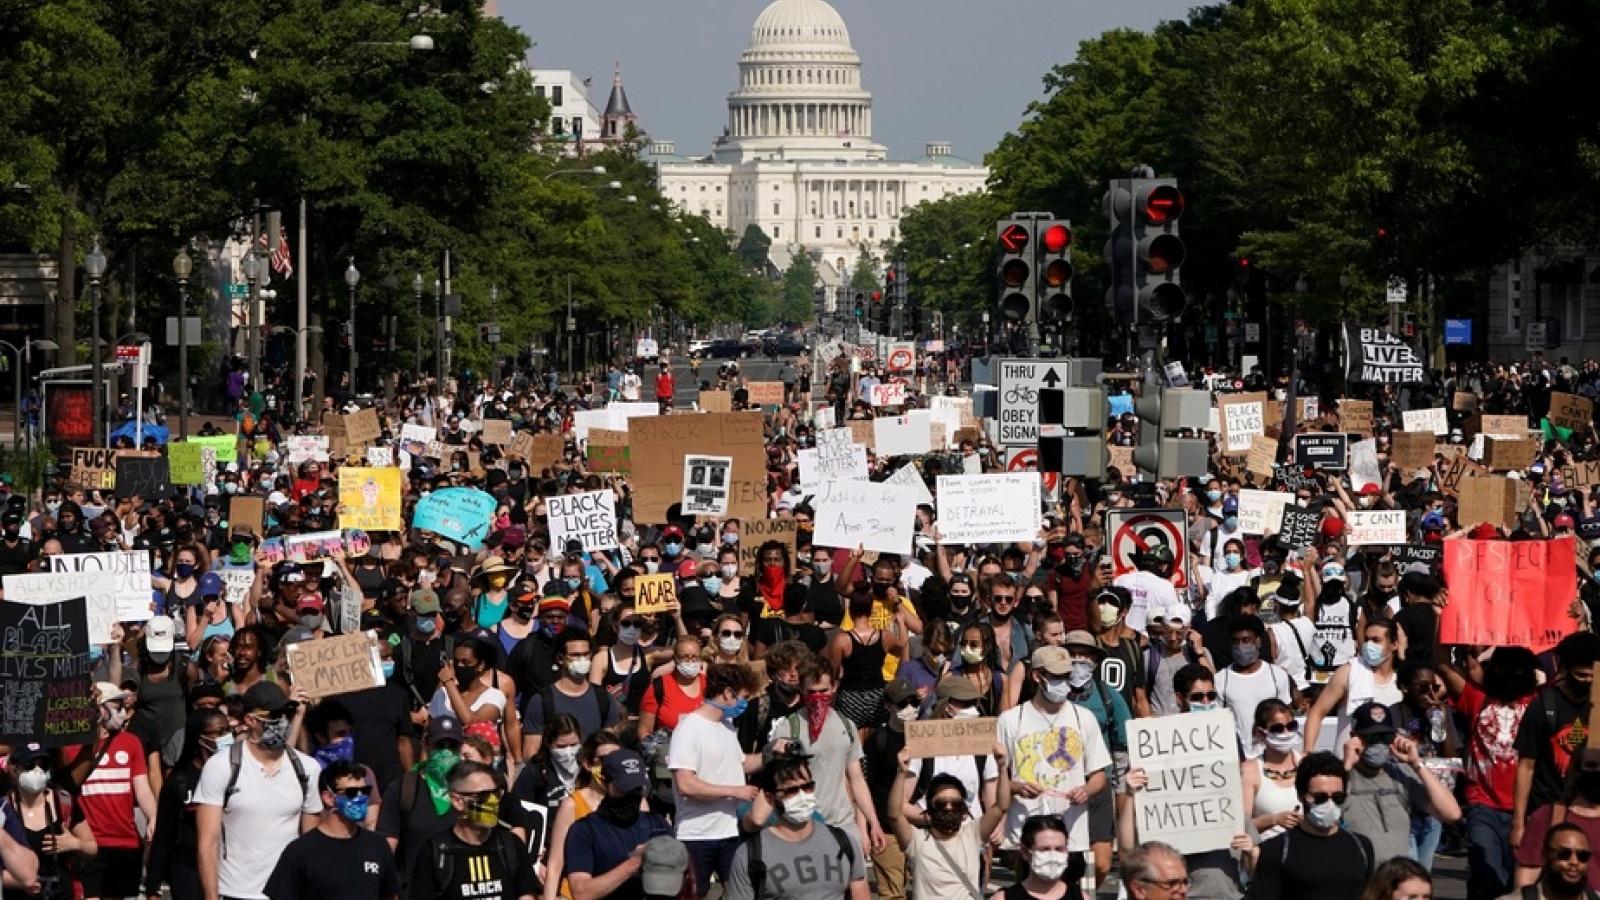 Washington không muốn có biểu tình trước lễ nhậm chức Tổng thống Mỹ